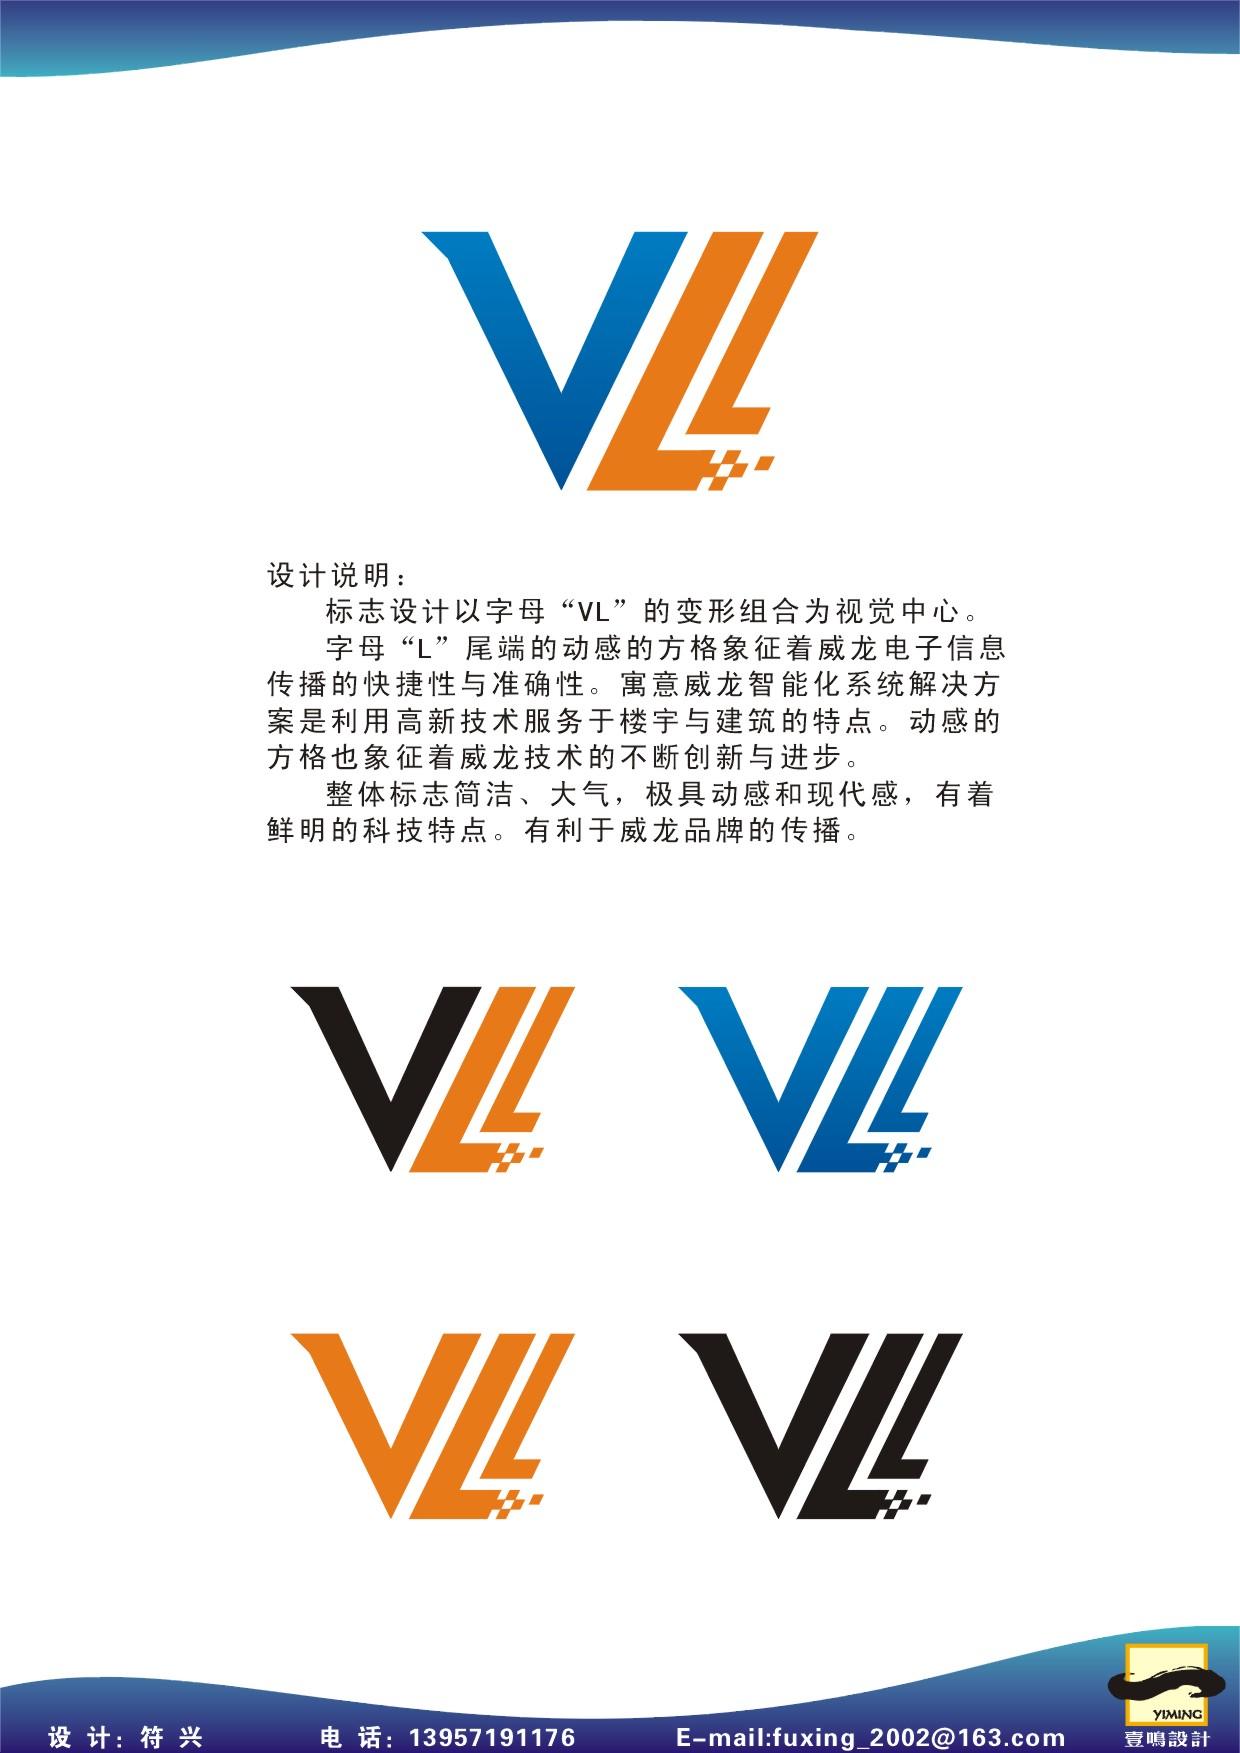 公司及网页logo设计(有新说明)